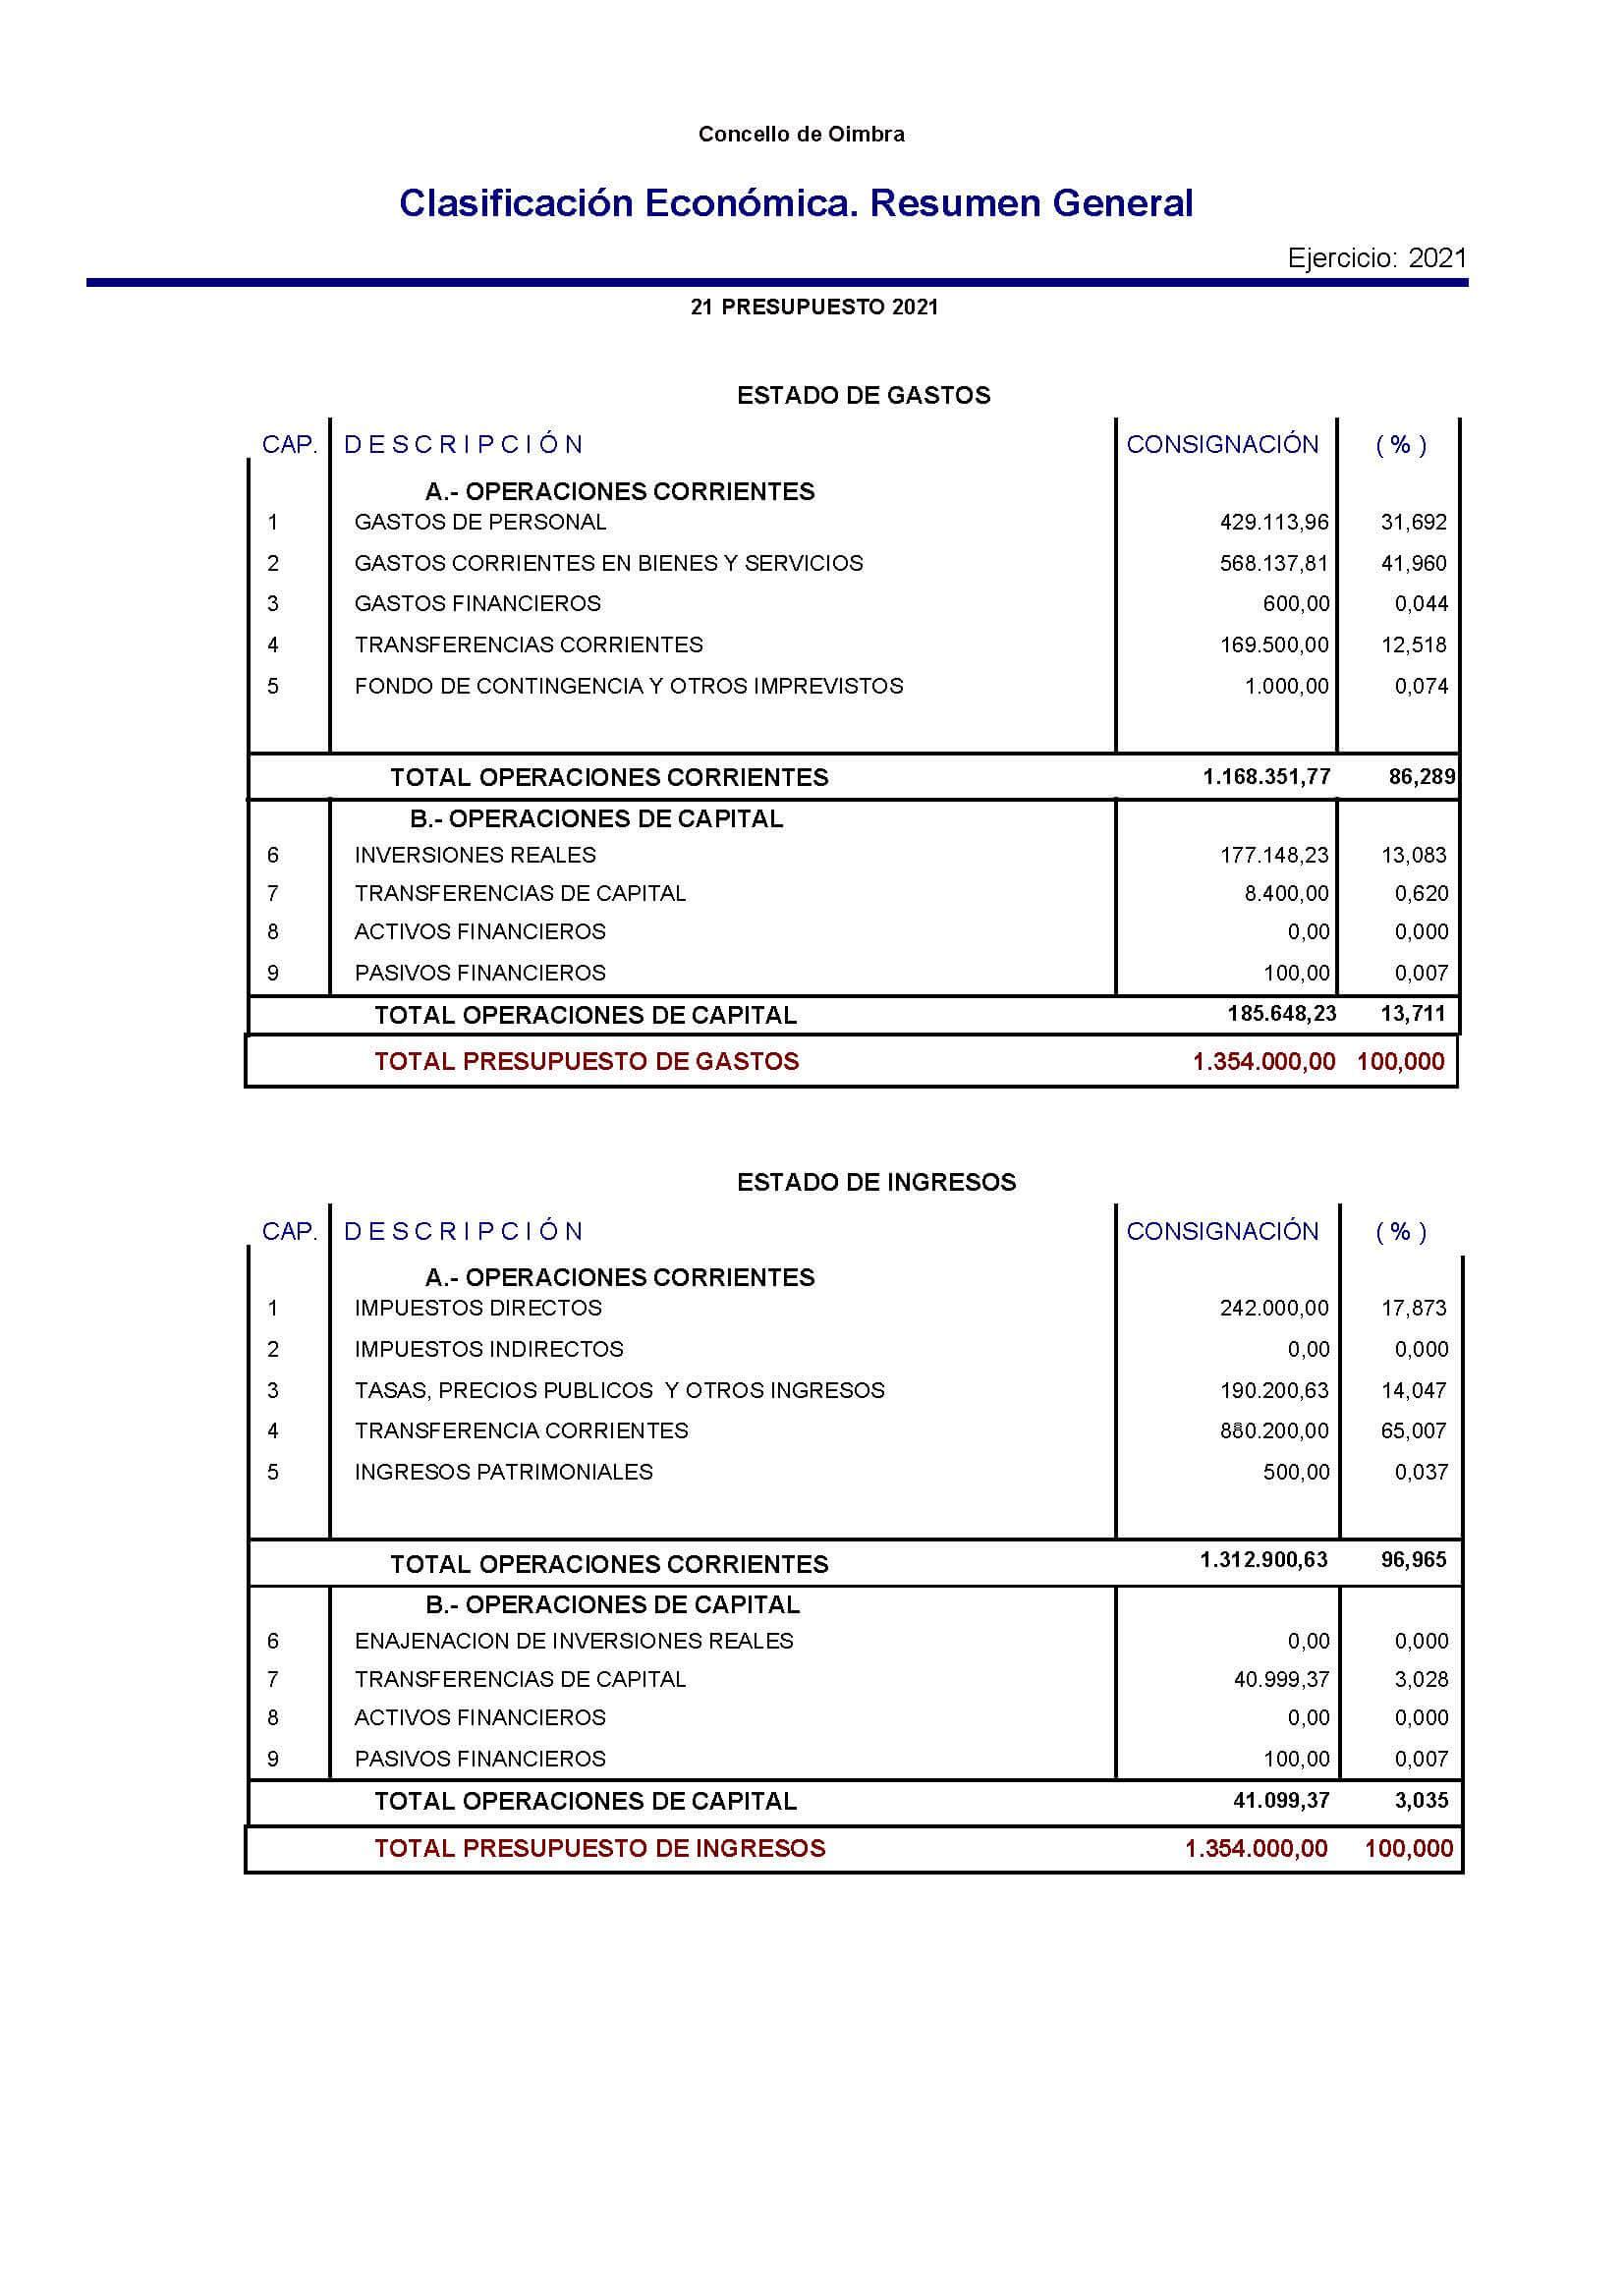 Orzamentos concello de oimbra 2021